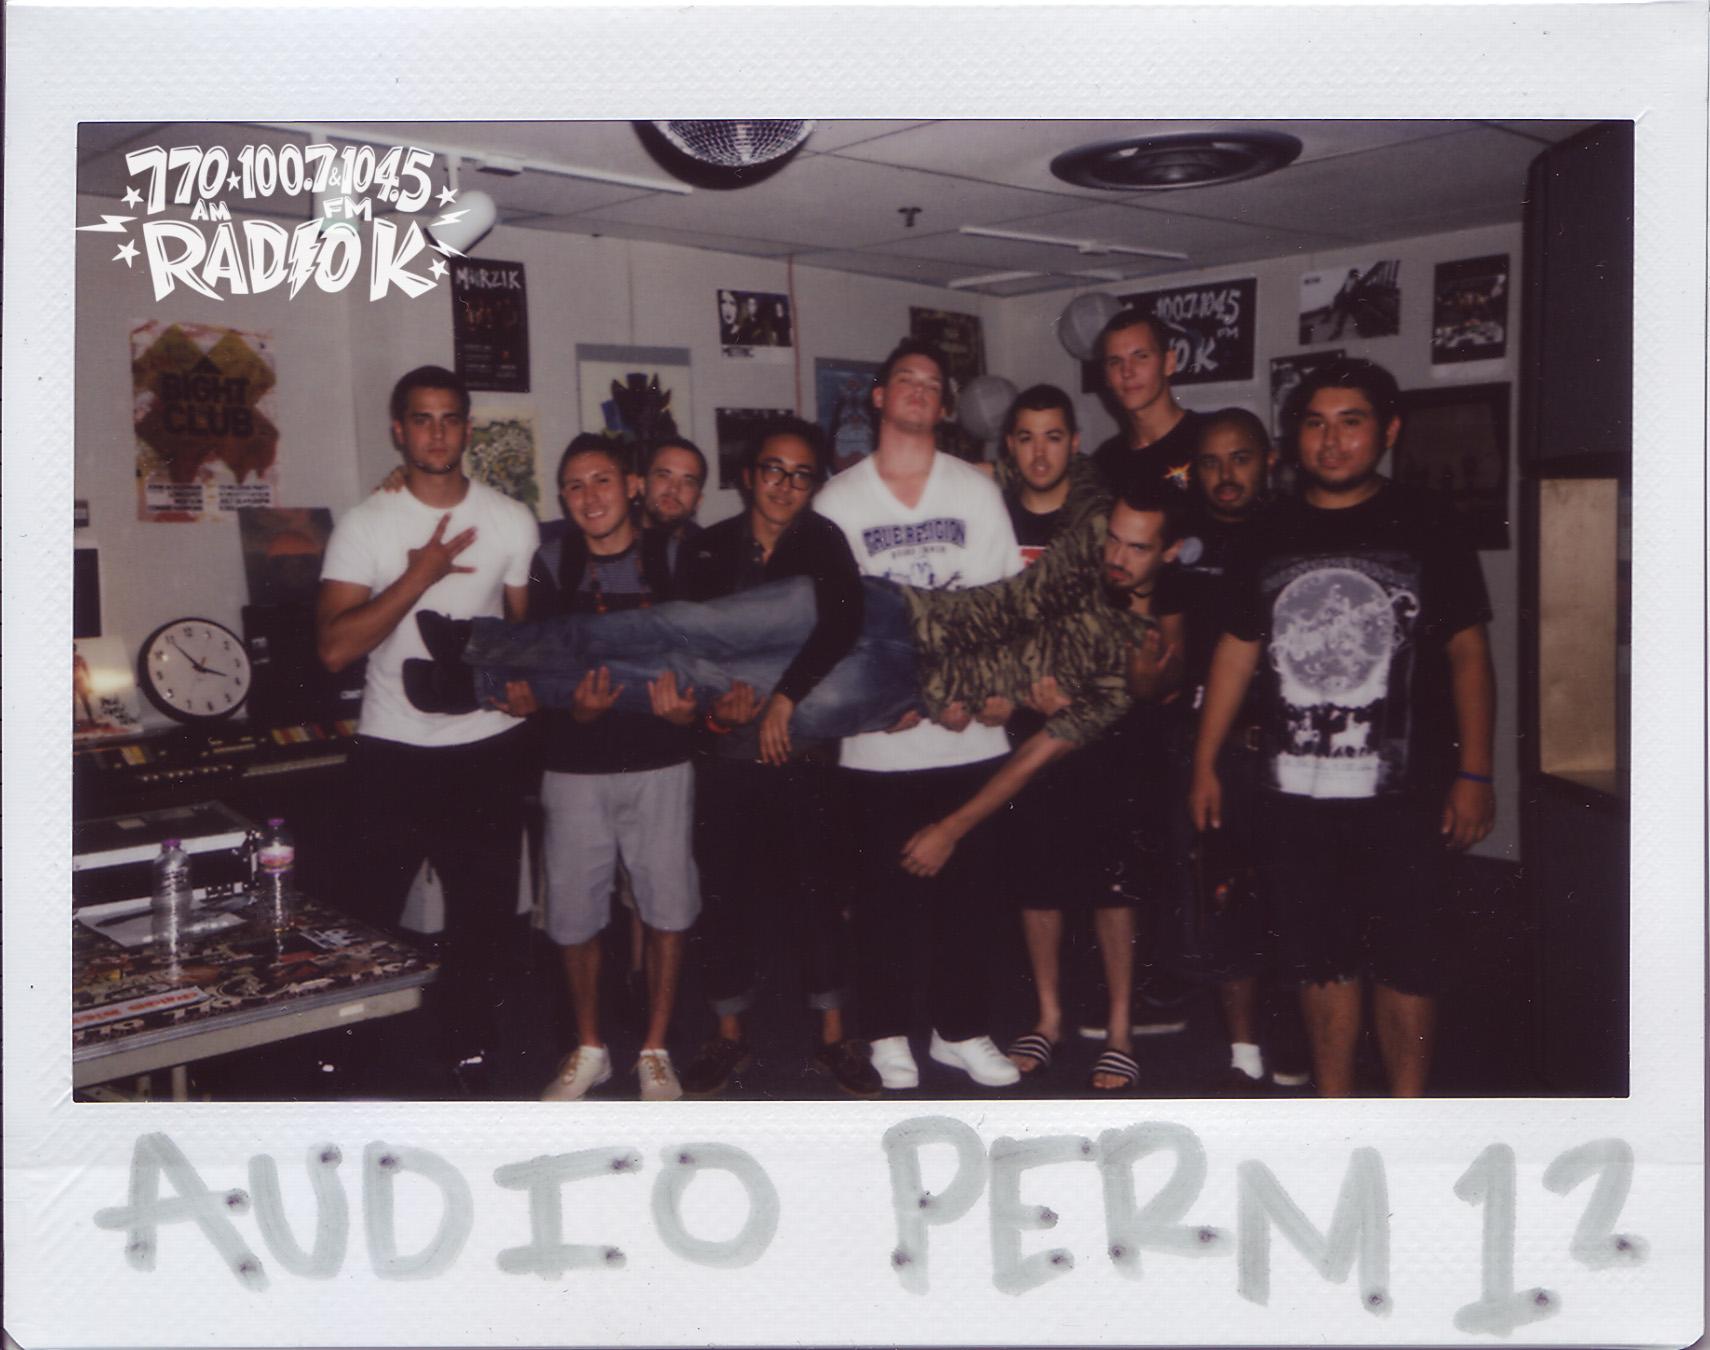 Audio Perm